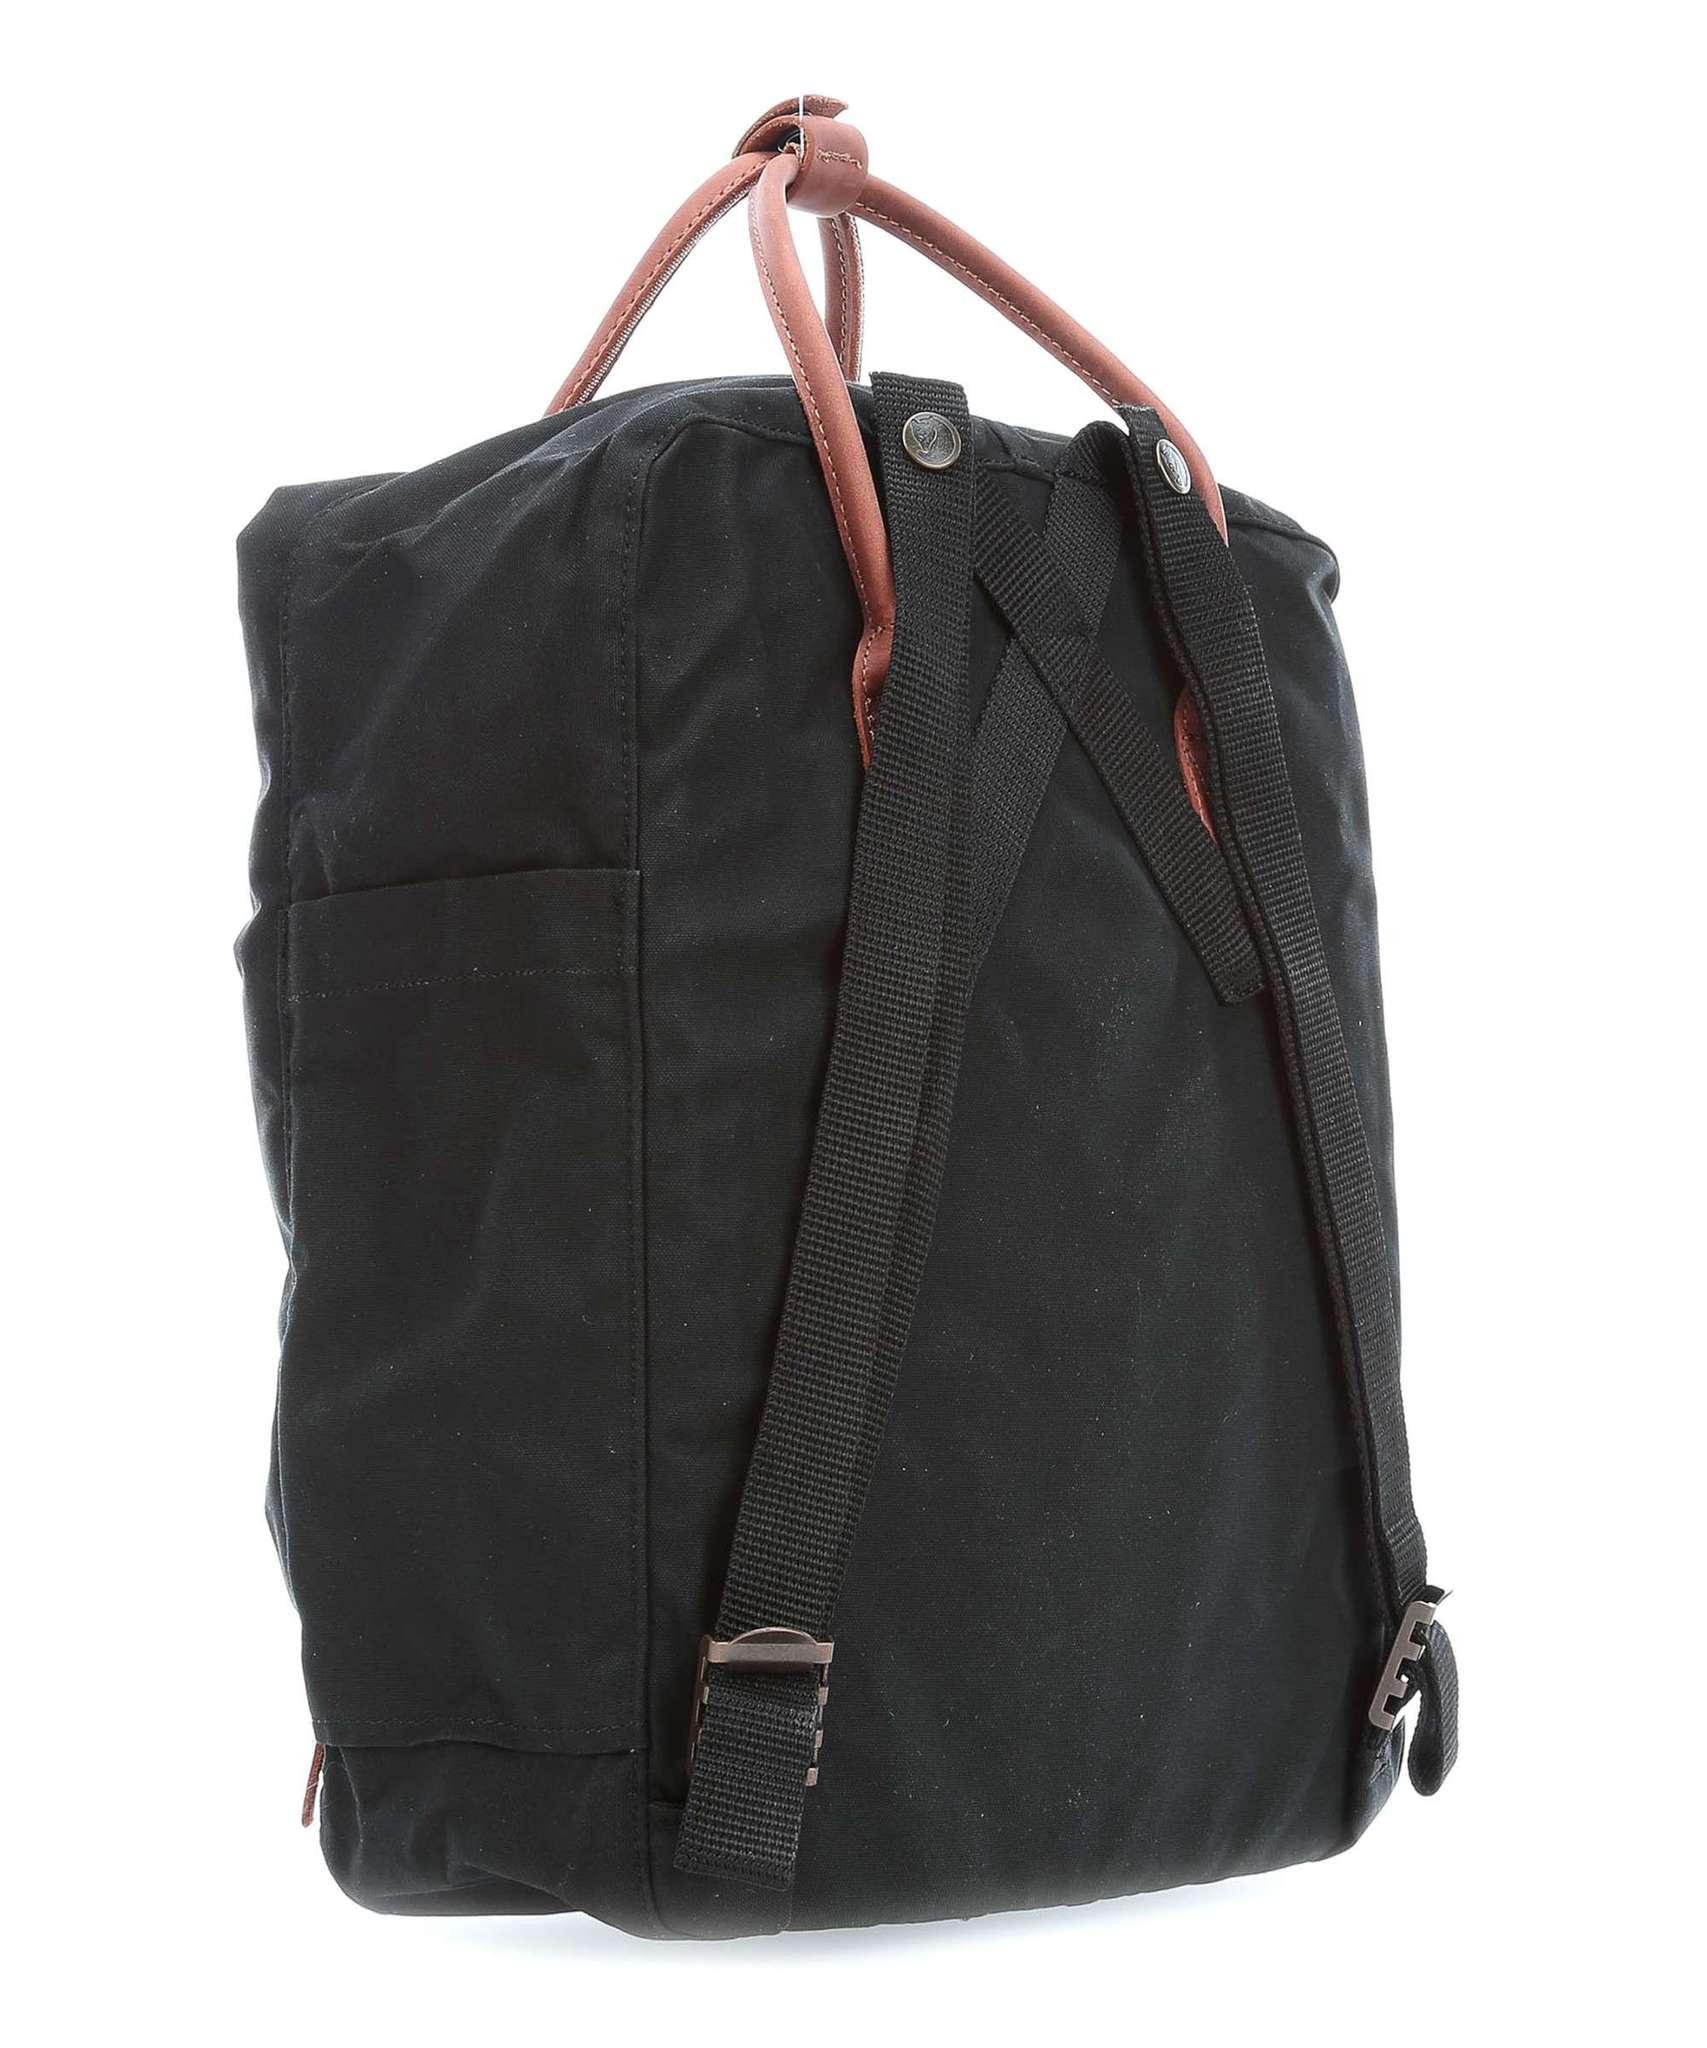 Рюкзак Fjallraven Kanken No.2 550 черный